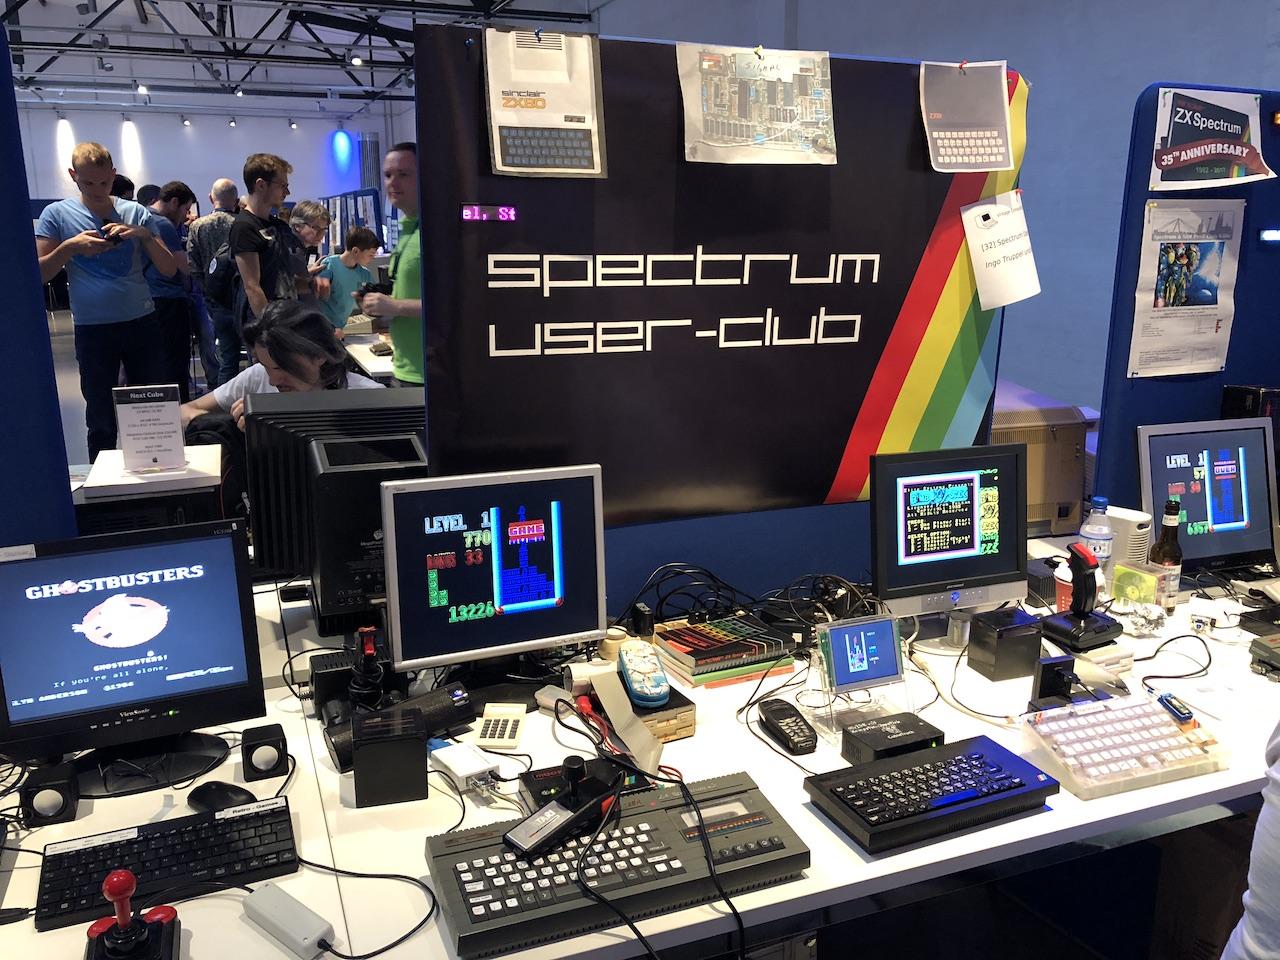 Der Stand des Spectrum User-Club. (Bild: Stefan Vogt)